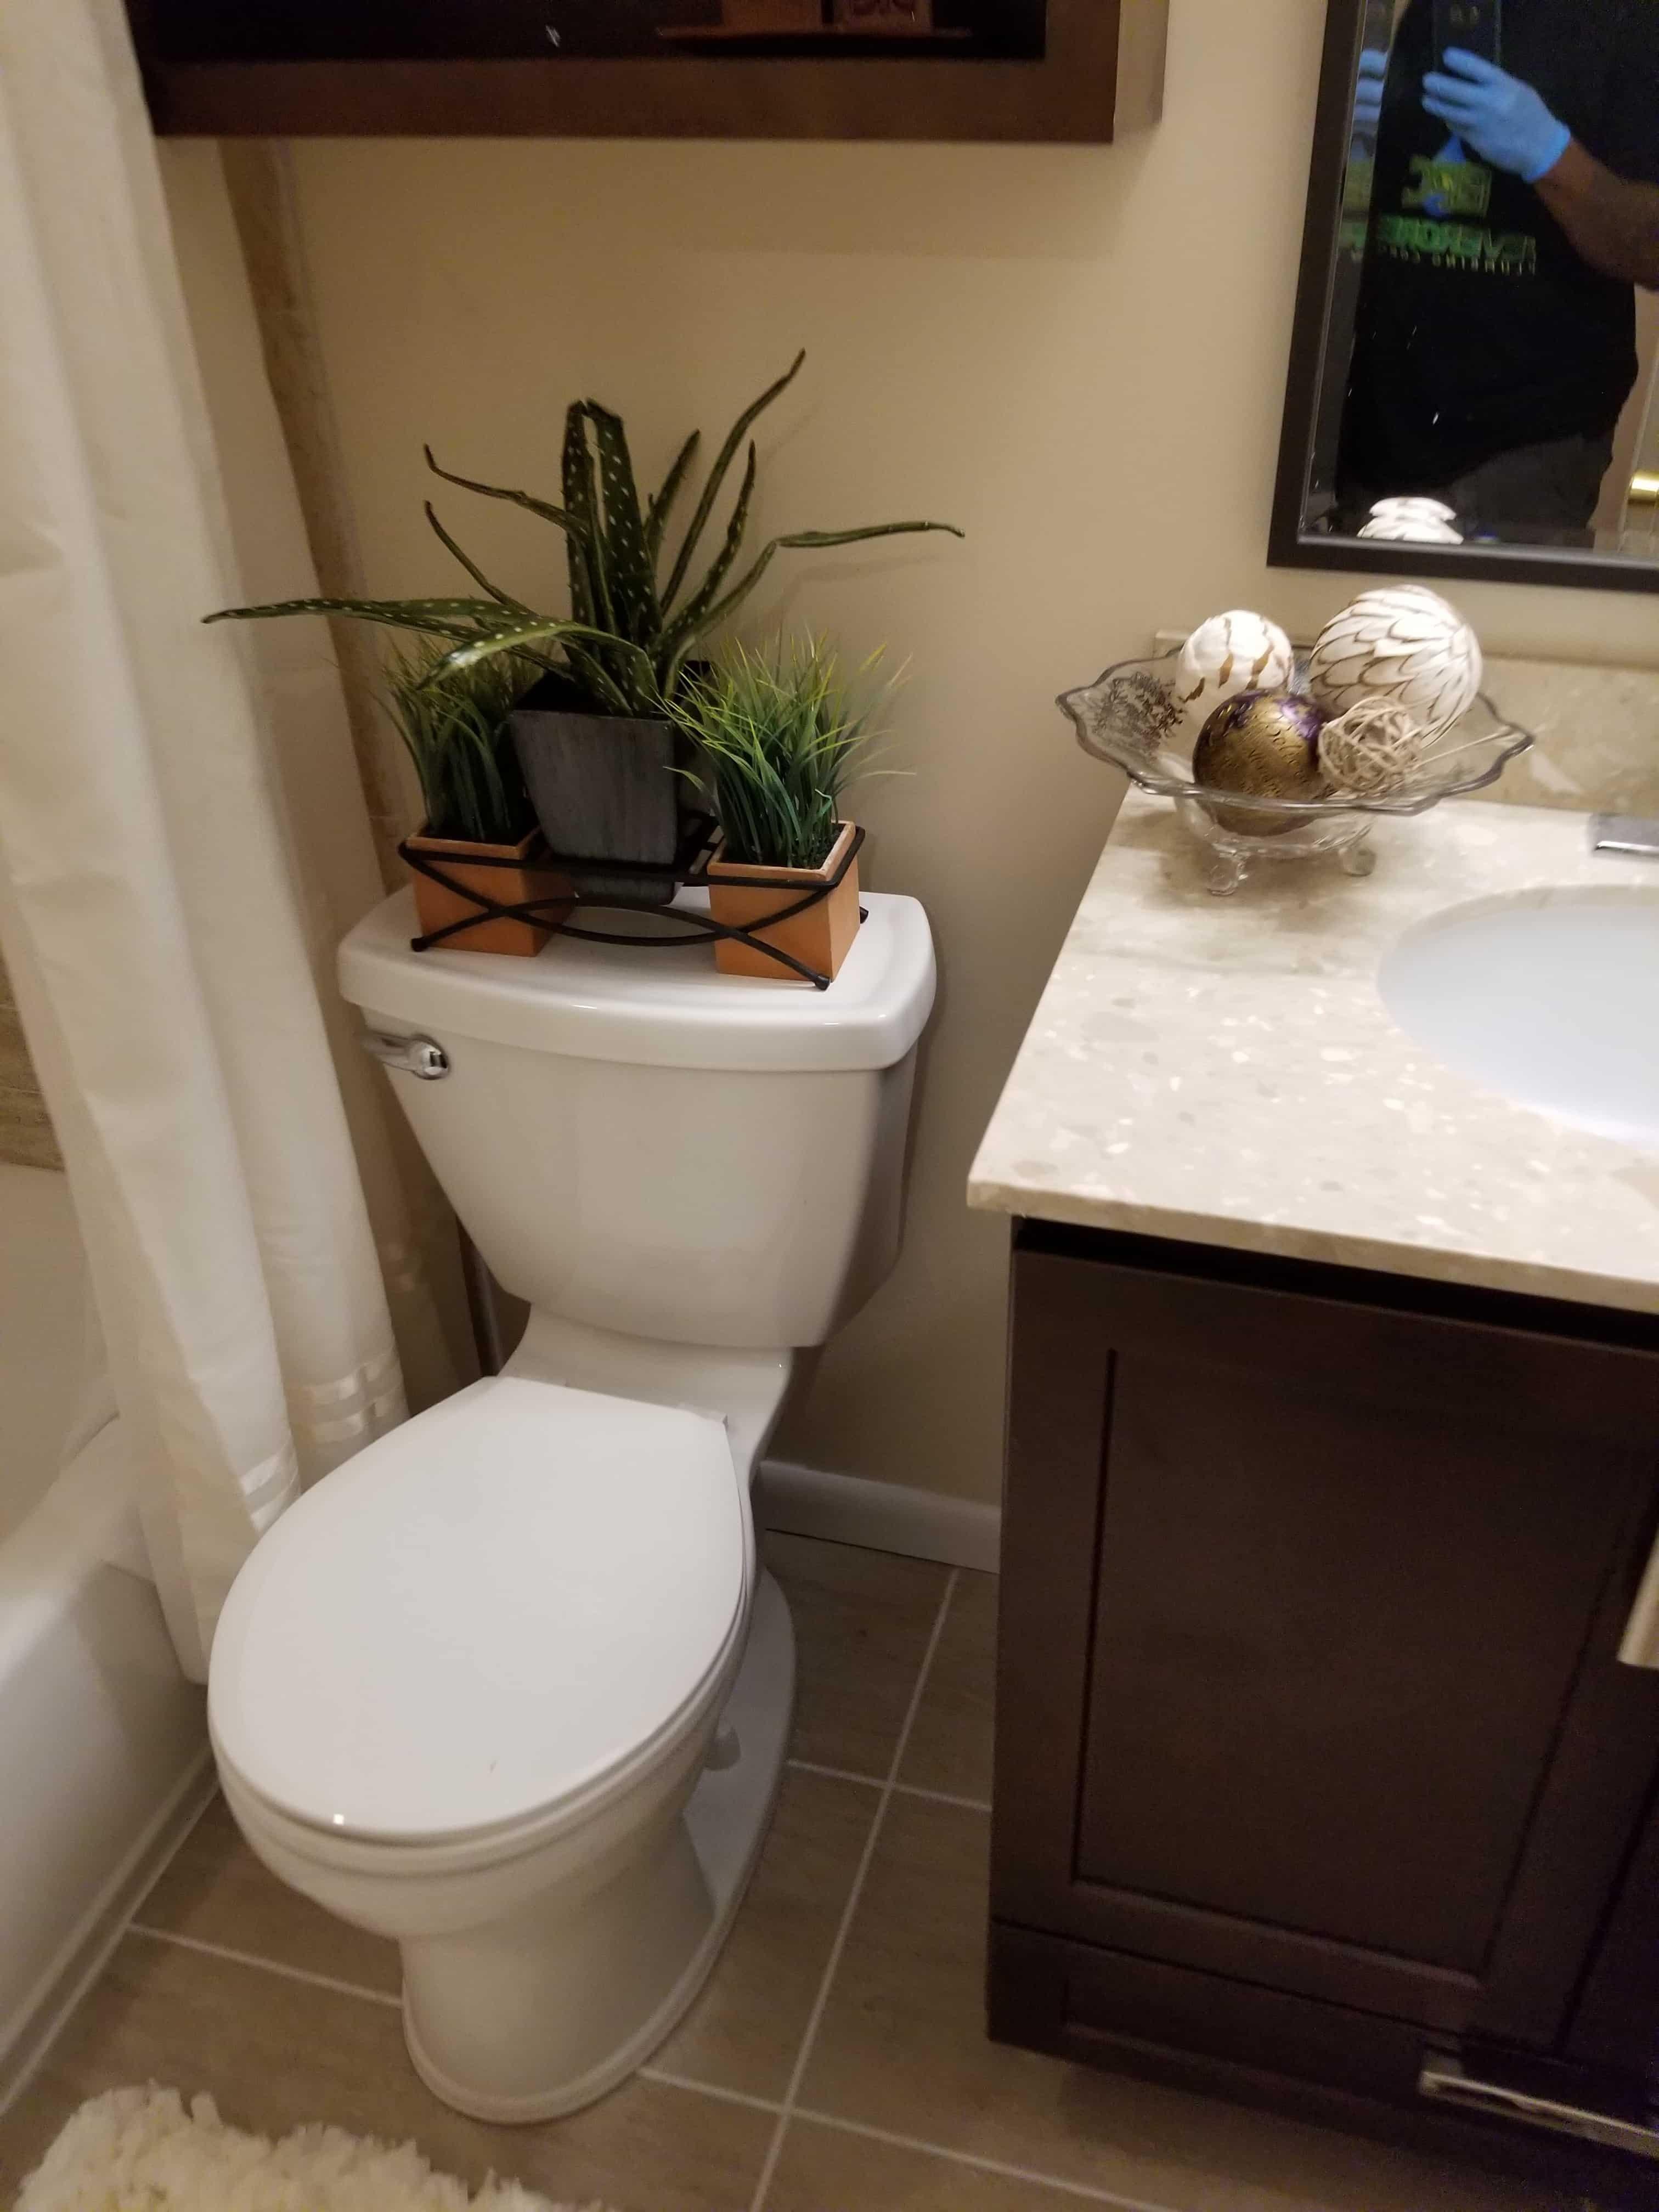 https://0201.nccdn.net/1_2/000/000/0fe/f6b/BathroomToiletAndSink-min-3024x4032.jpg